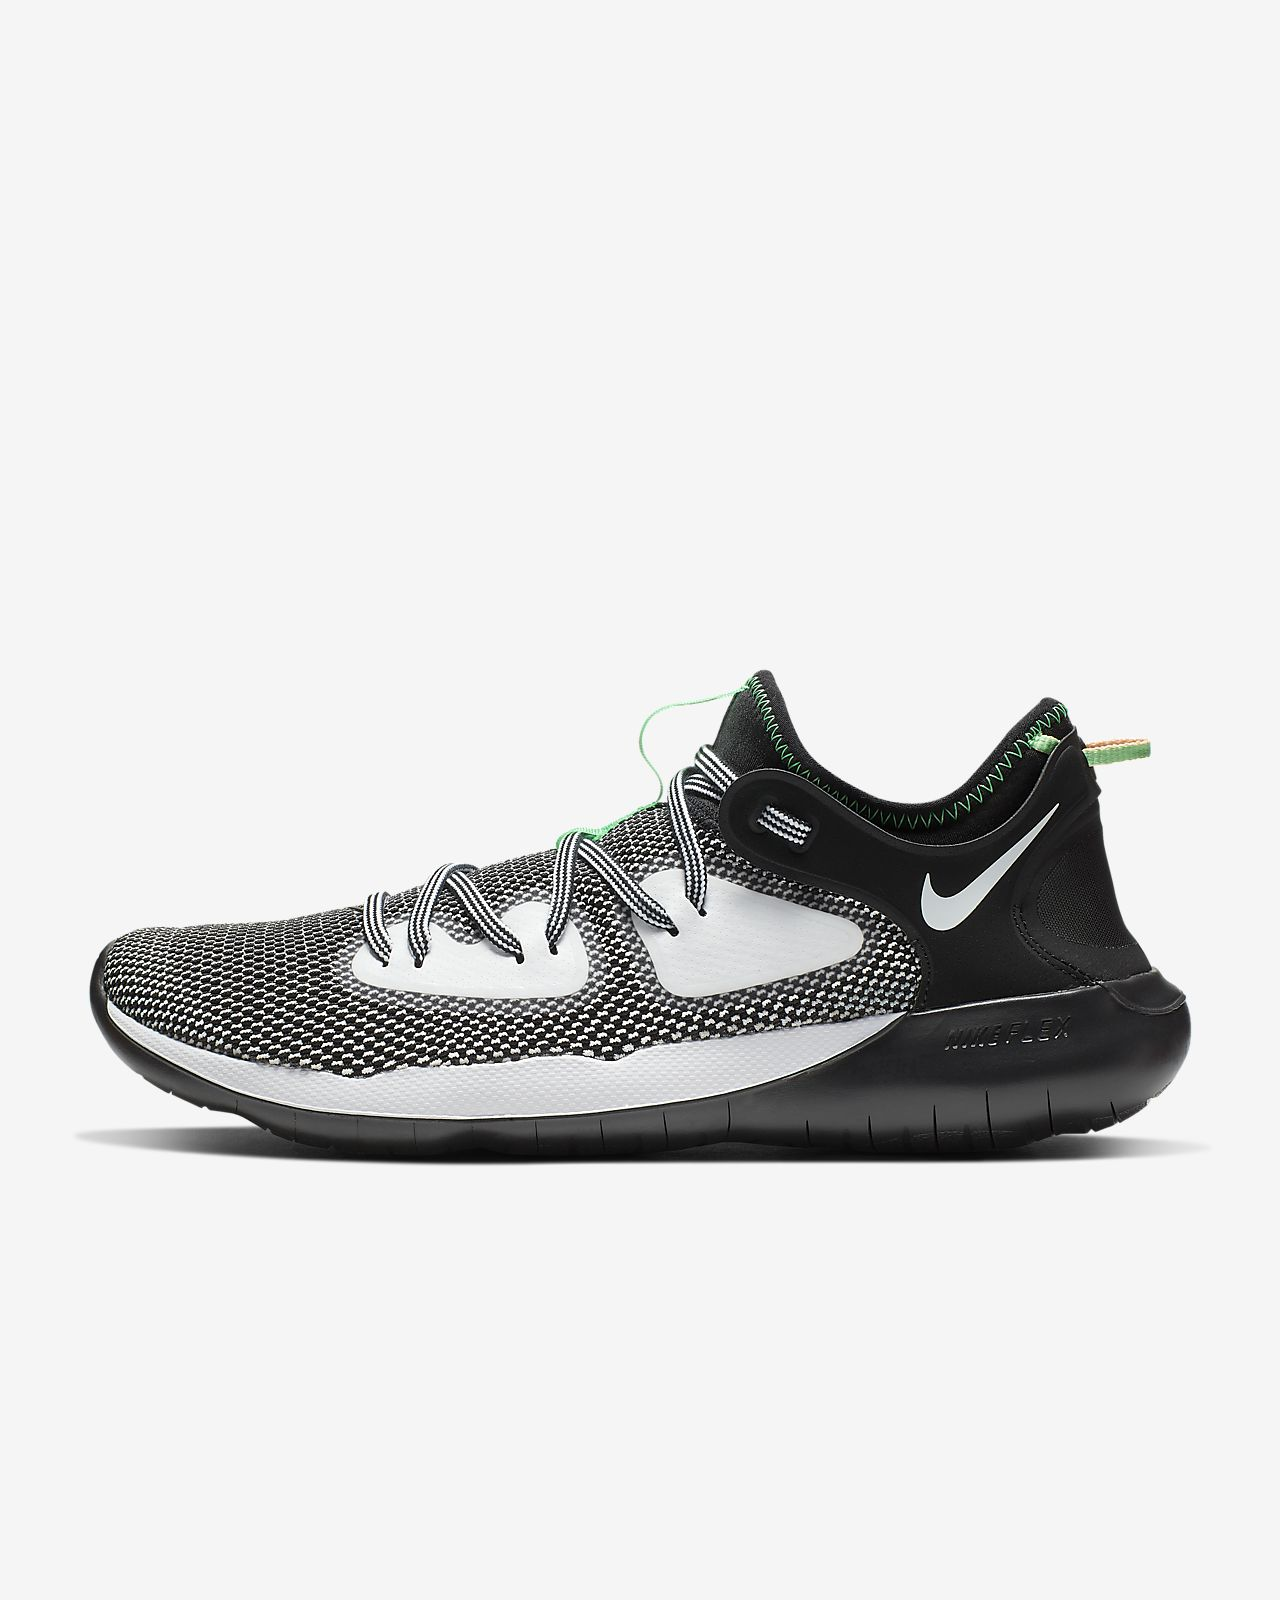 รองเท้าวิ่งผู้ชาย Nike Flex RN 2019 SE